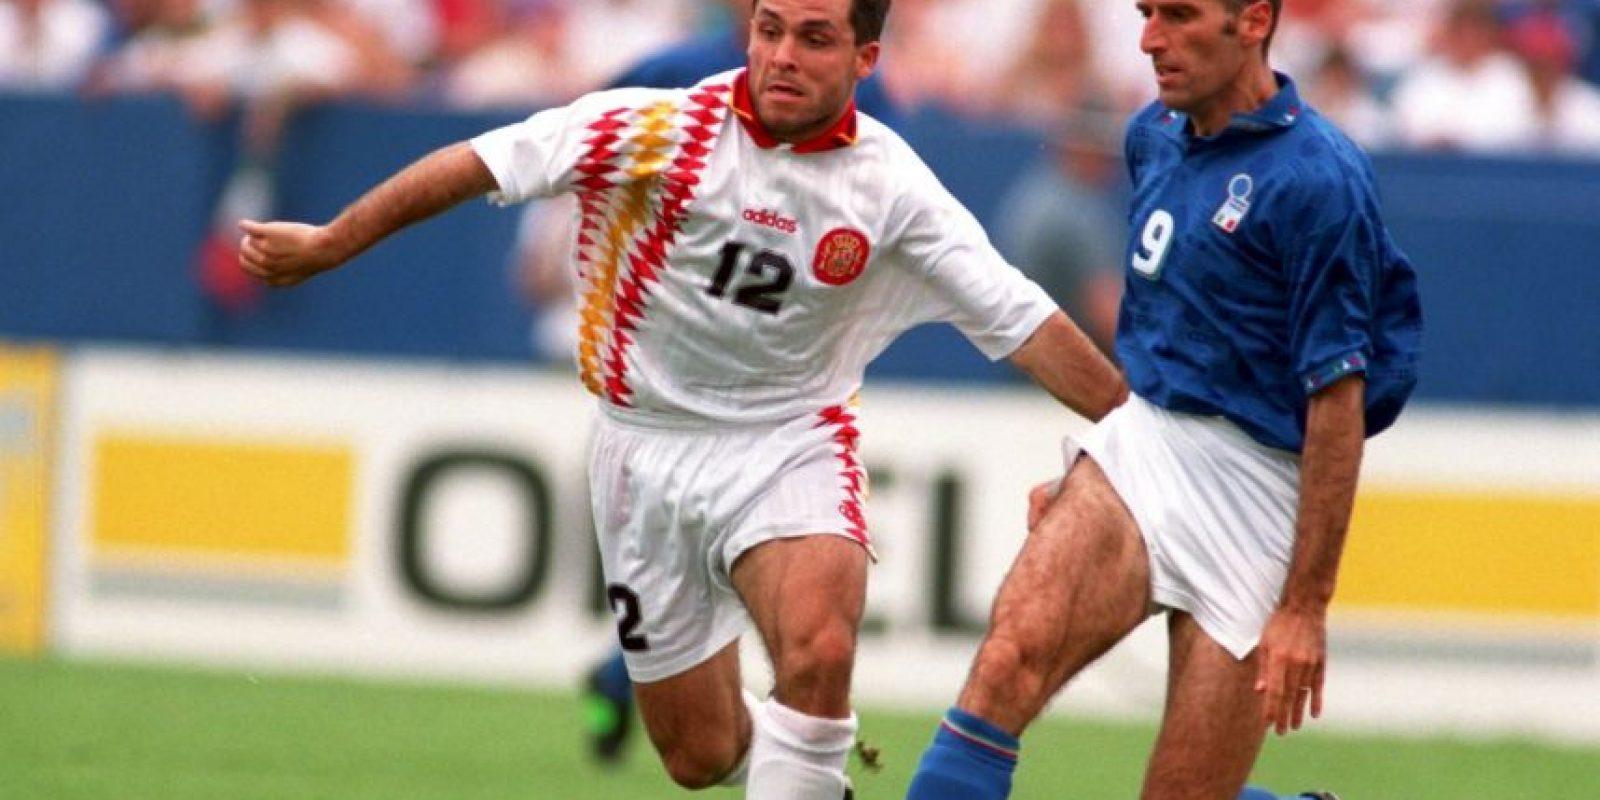 En Estados Unidos 1994, durante un Italia vs. España, el italiano le dio un codazo a Luis Enrique en la nariz provocándo un dramático sangrado. A pesar de ello, el árbitro no sancionó a Tassotti, pero la FIFA actuó de oficio y le dio ocho partidos de castigo. Foto:Getty Images